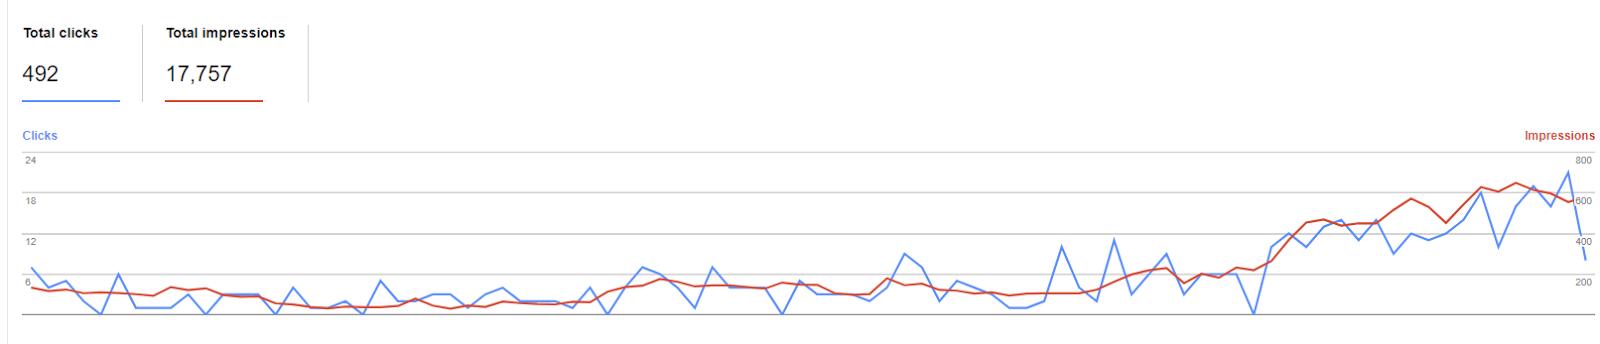 Google Data 90 Days